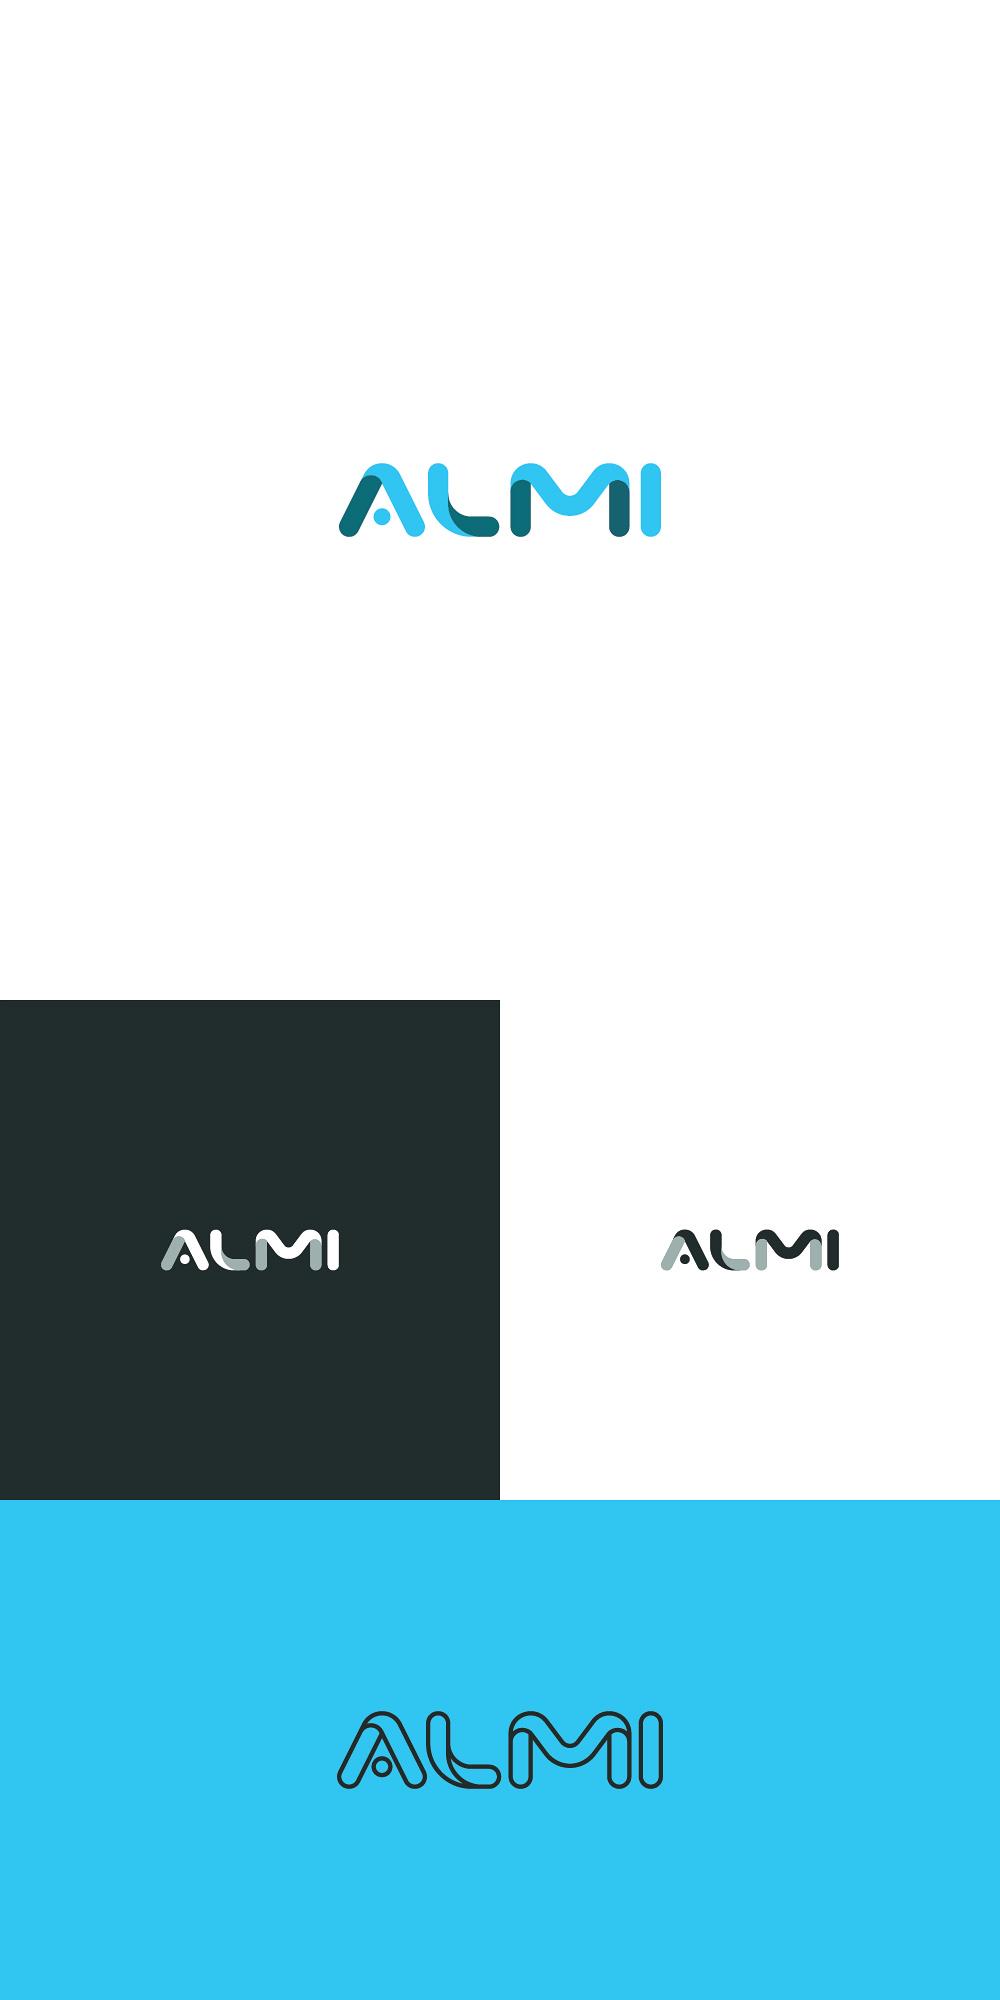 Разработка логотипа и фона фото f_871598a96572f247.jpg